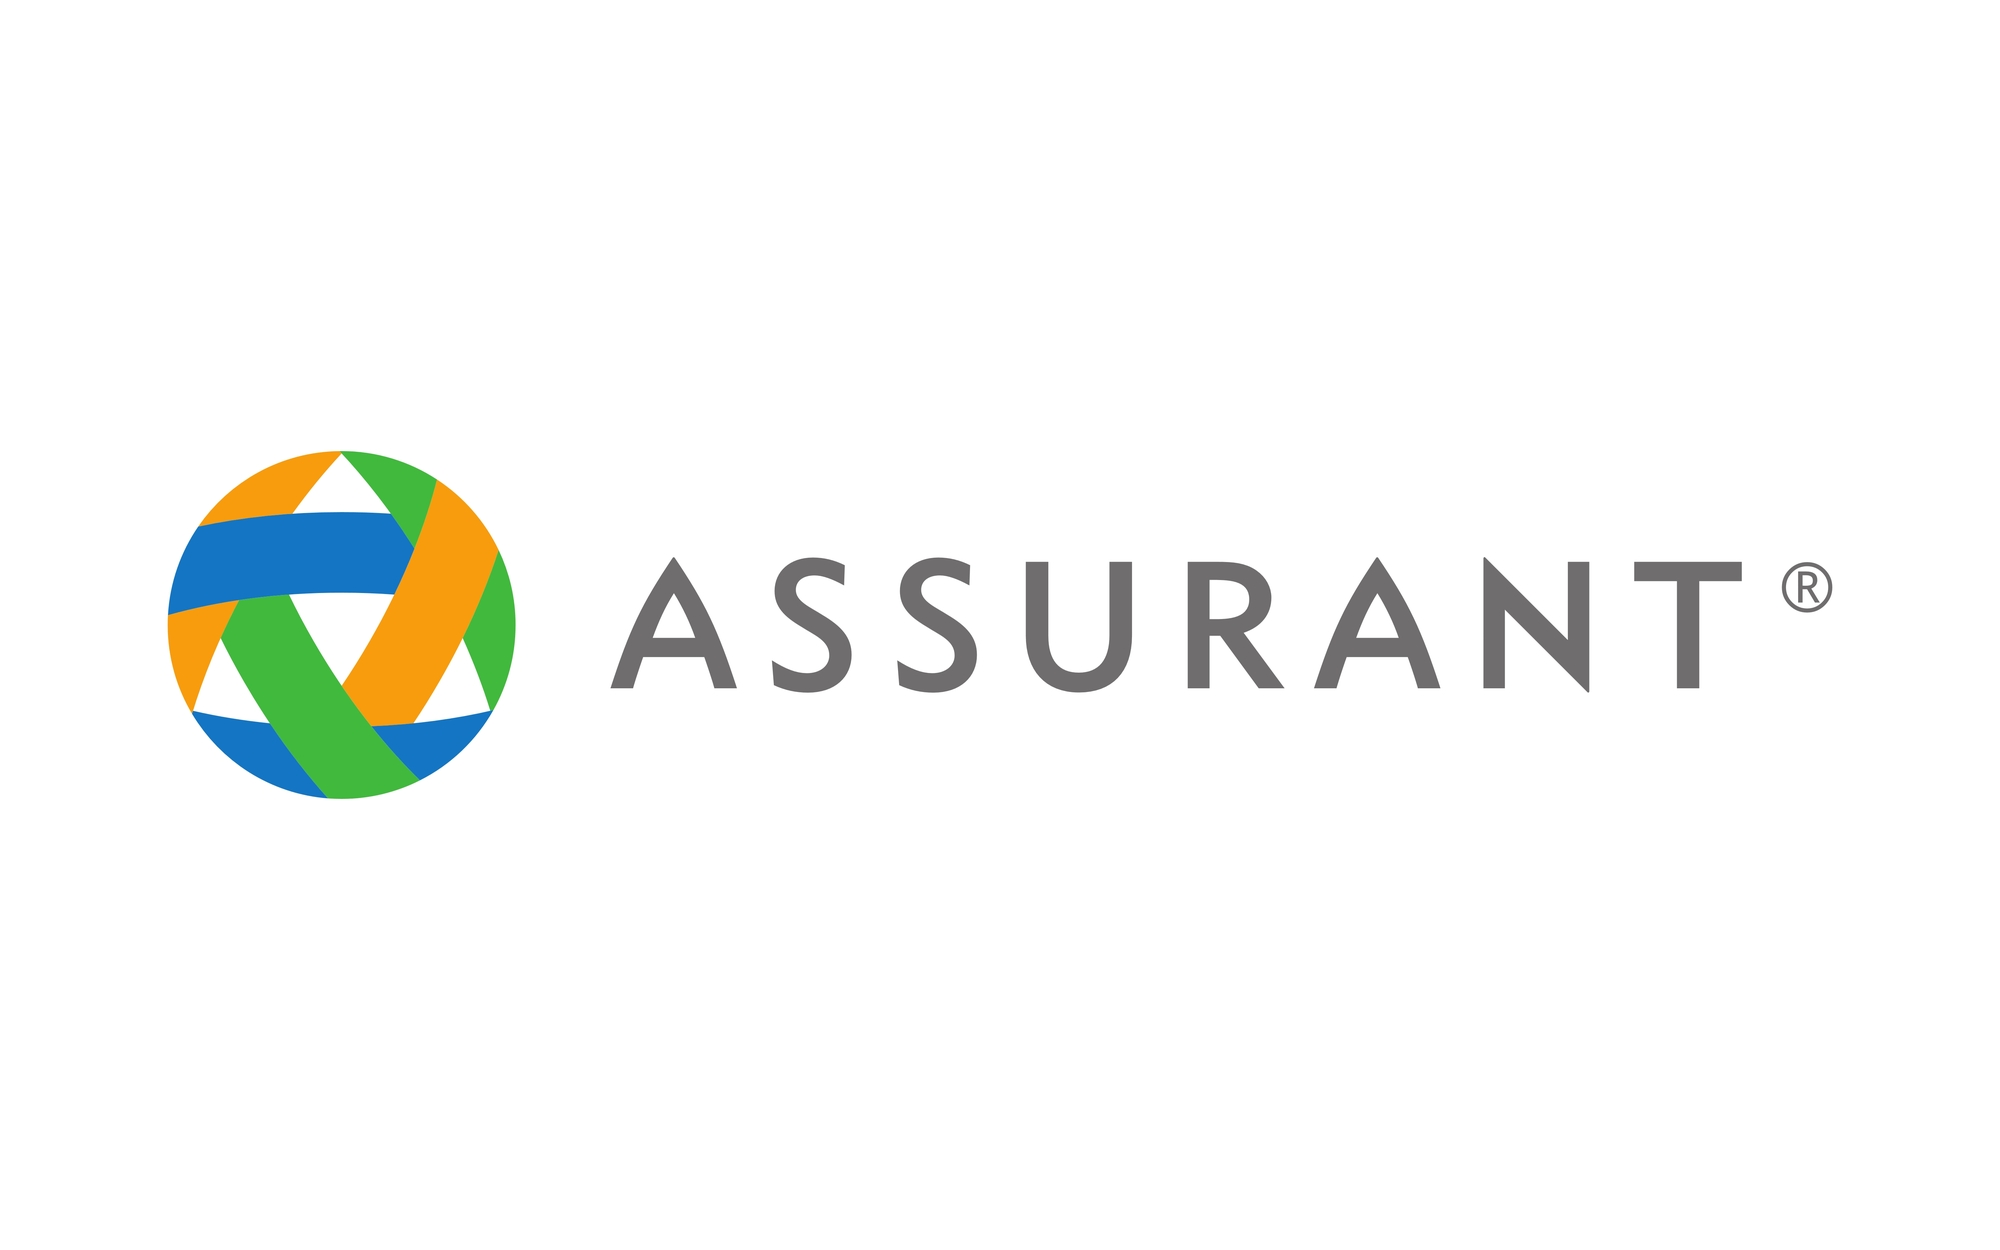 Assurant perfeziona l'acquisizione di The Warranty Group